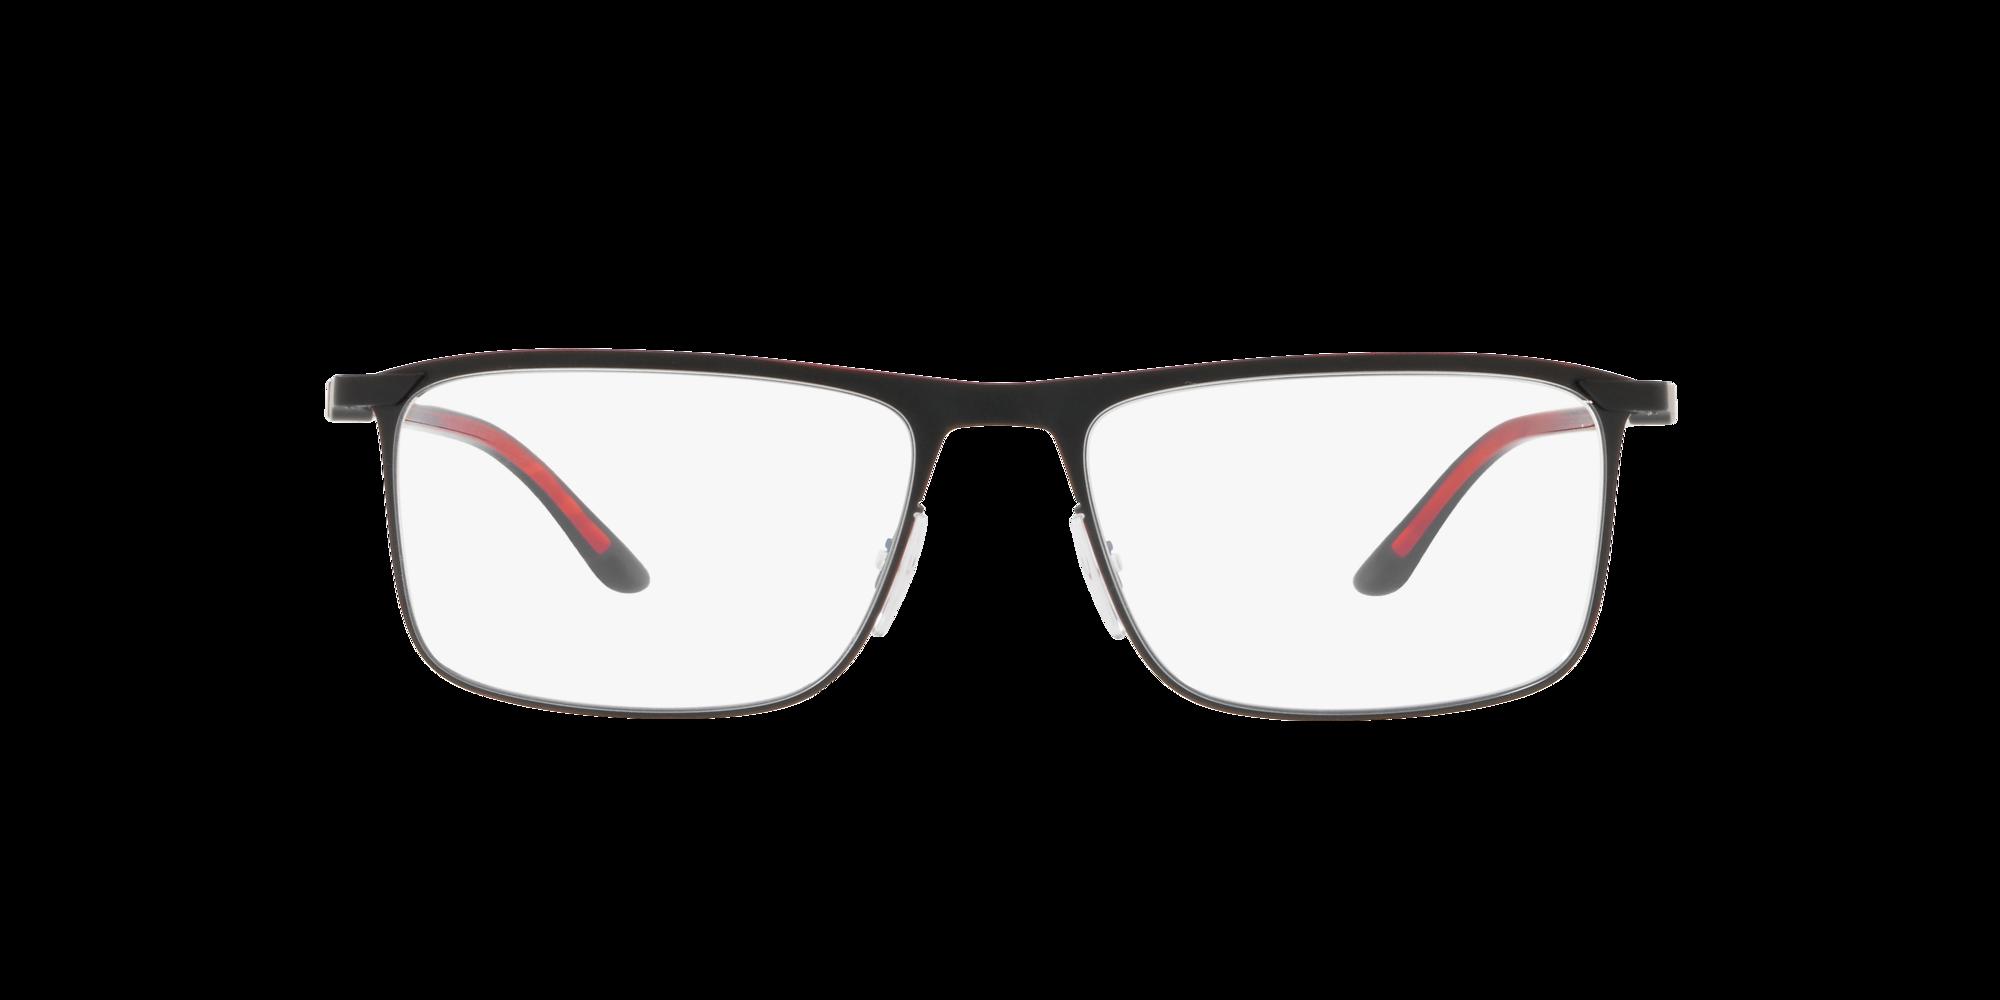 Imagen para SH2030 de LensCrafters    Espejuelos, espejuelos graduados en línea, gafas